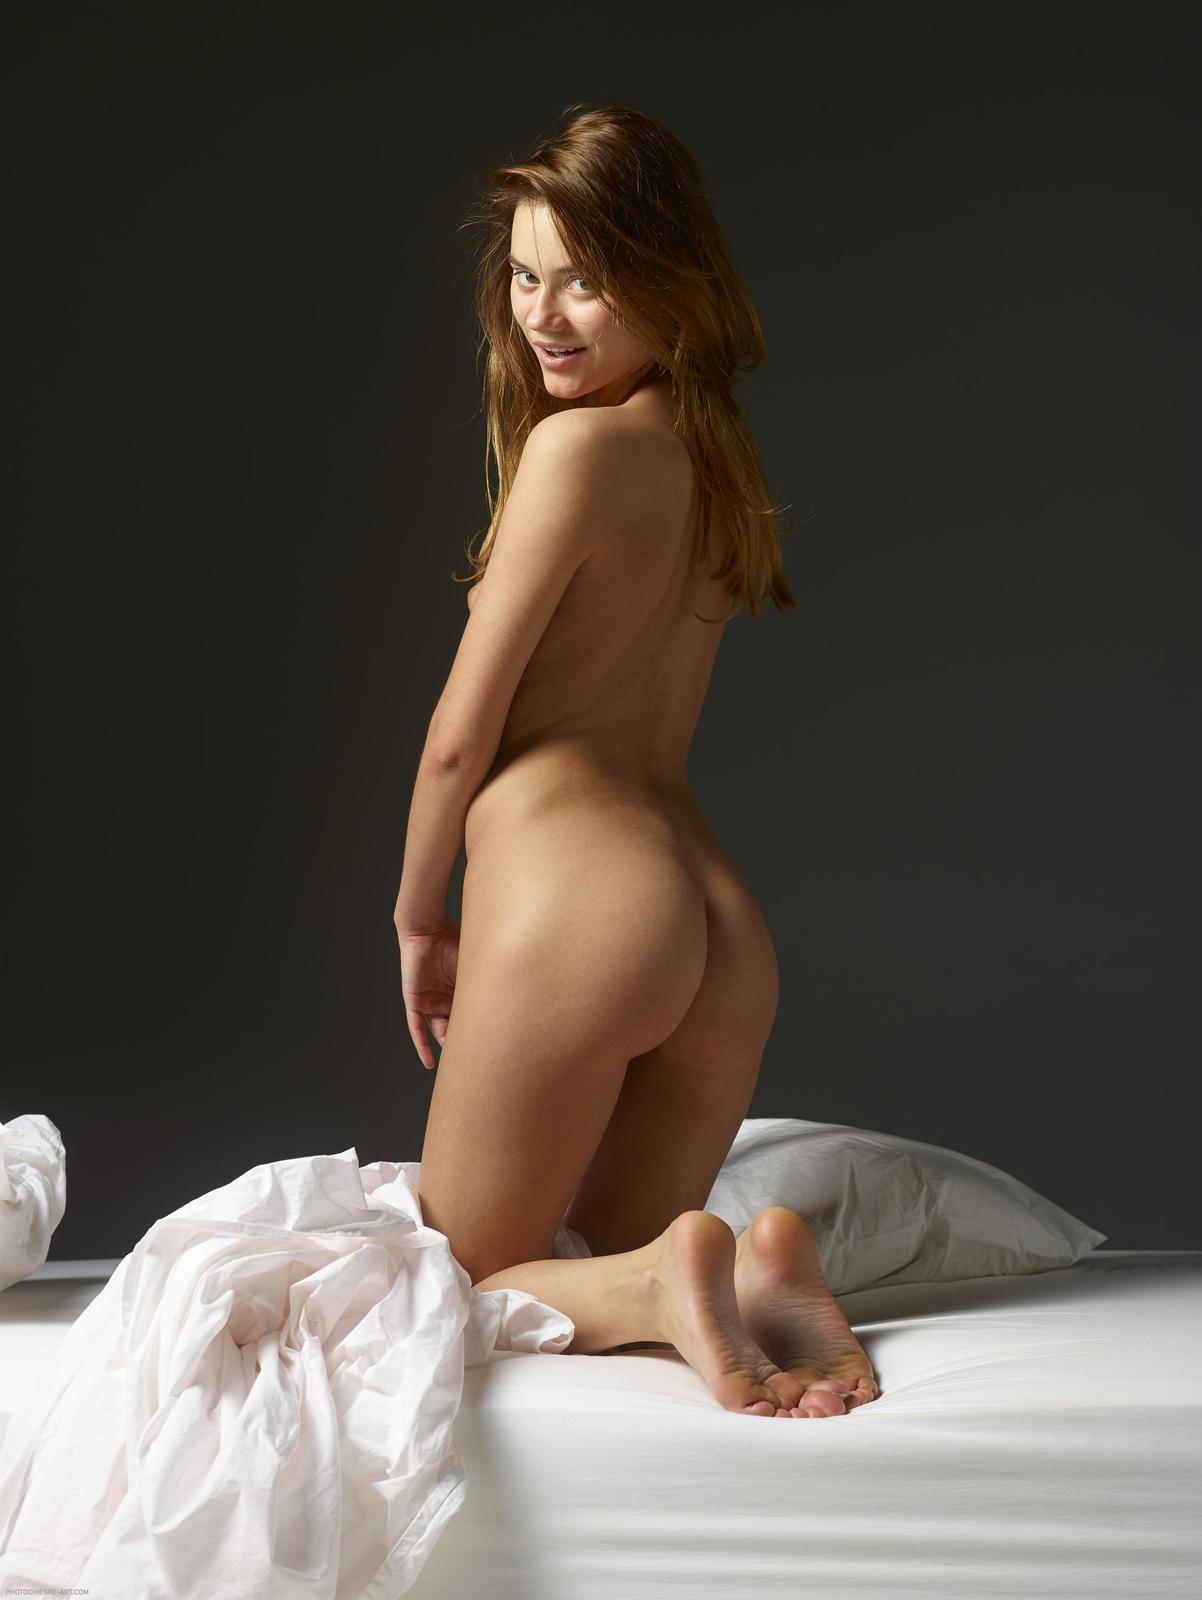 Ksenia barasheva nude click here